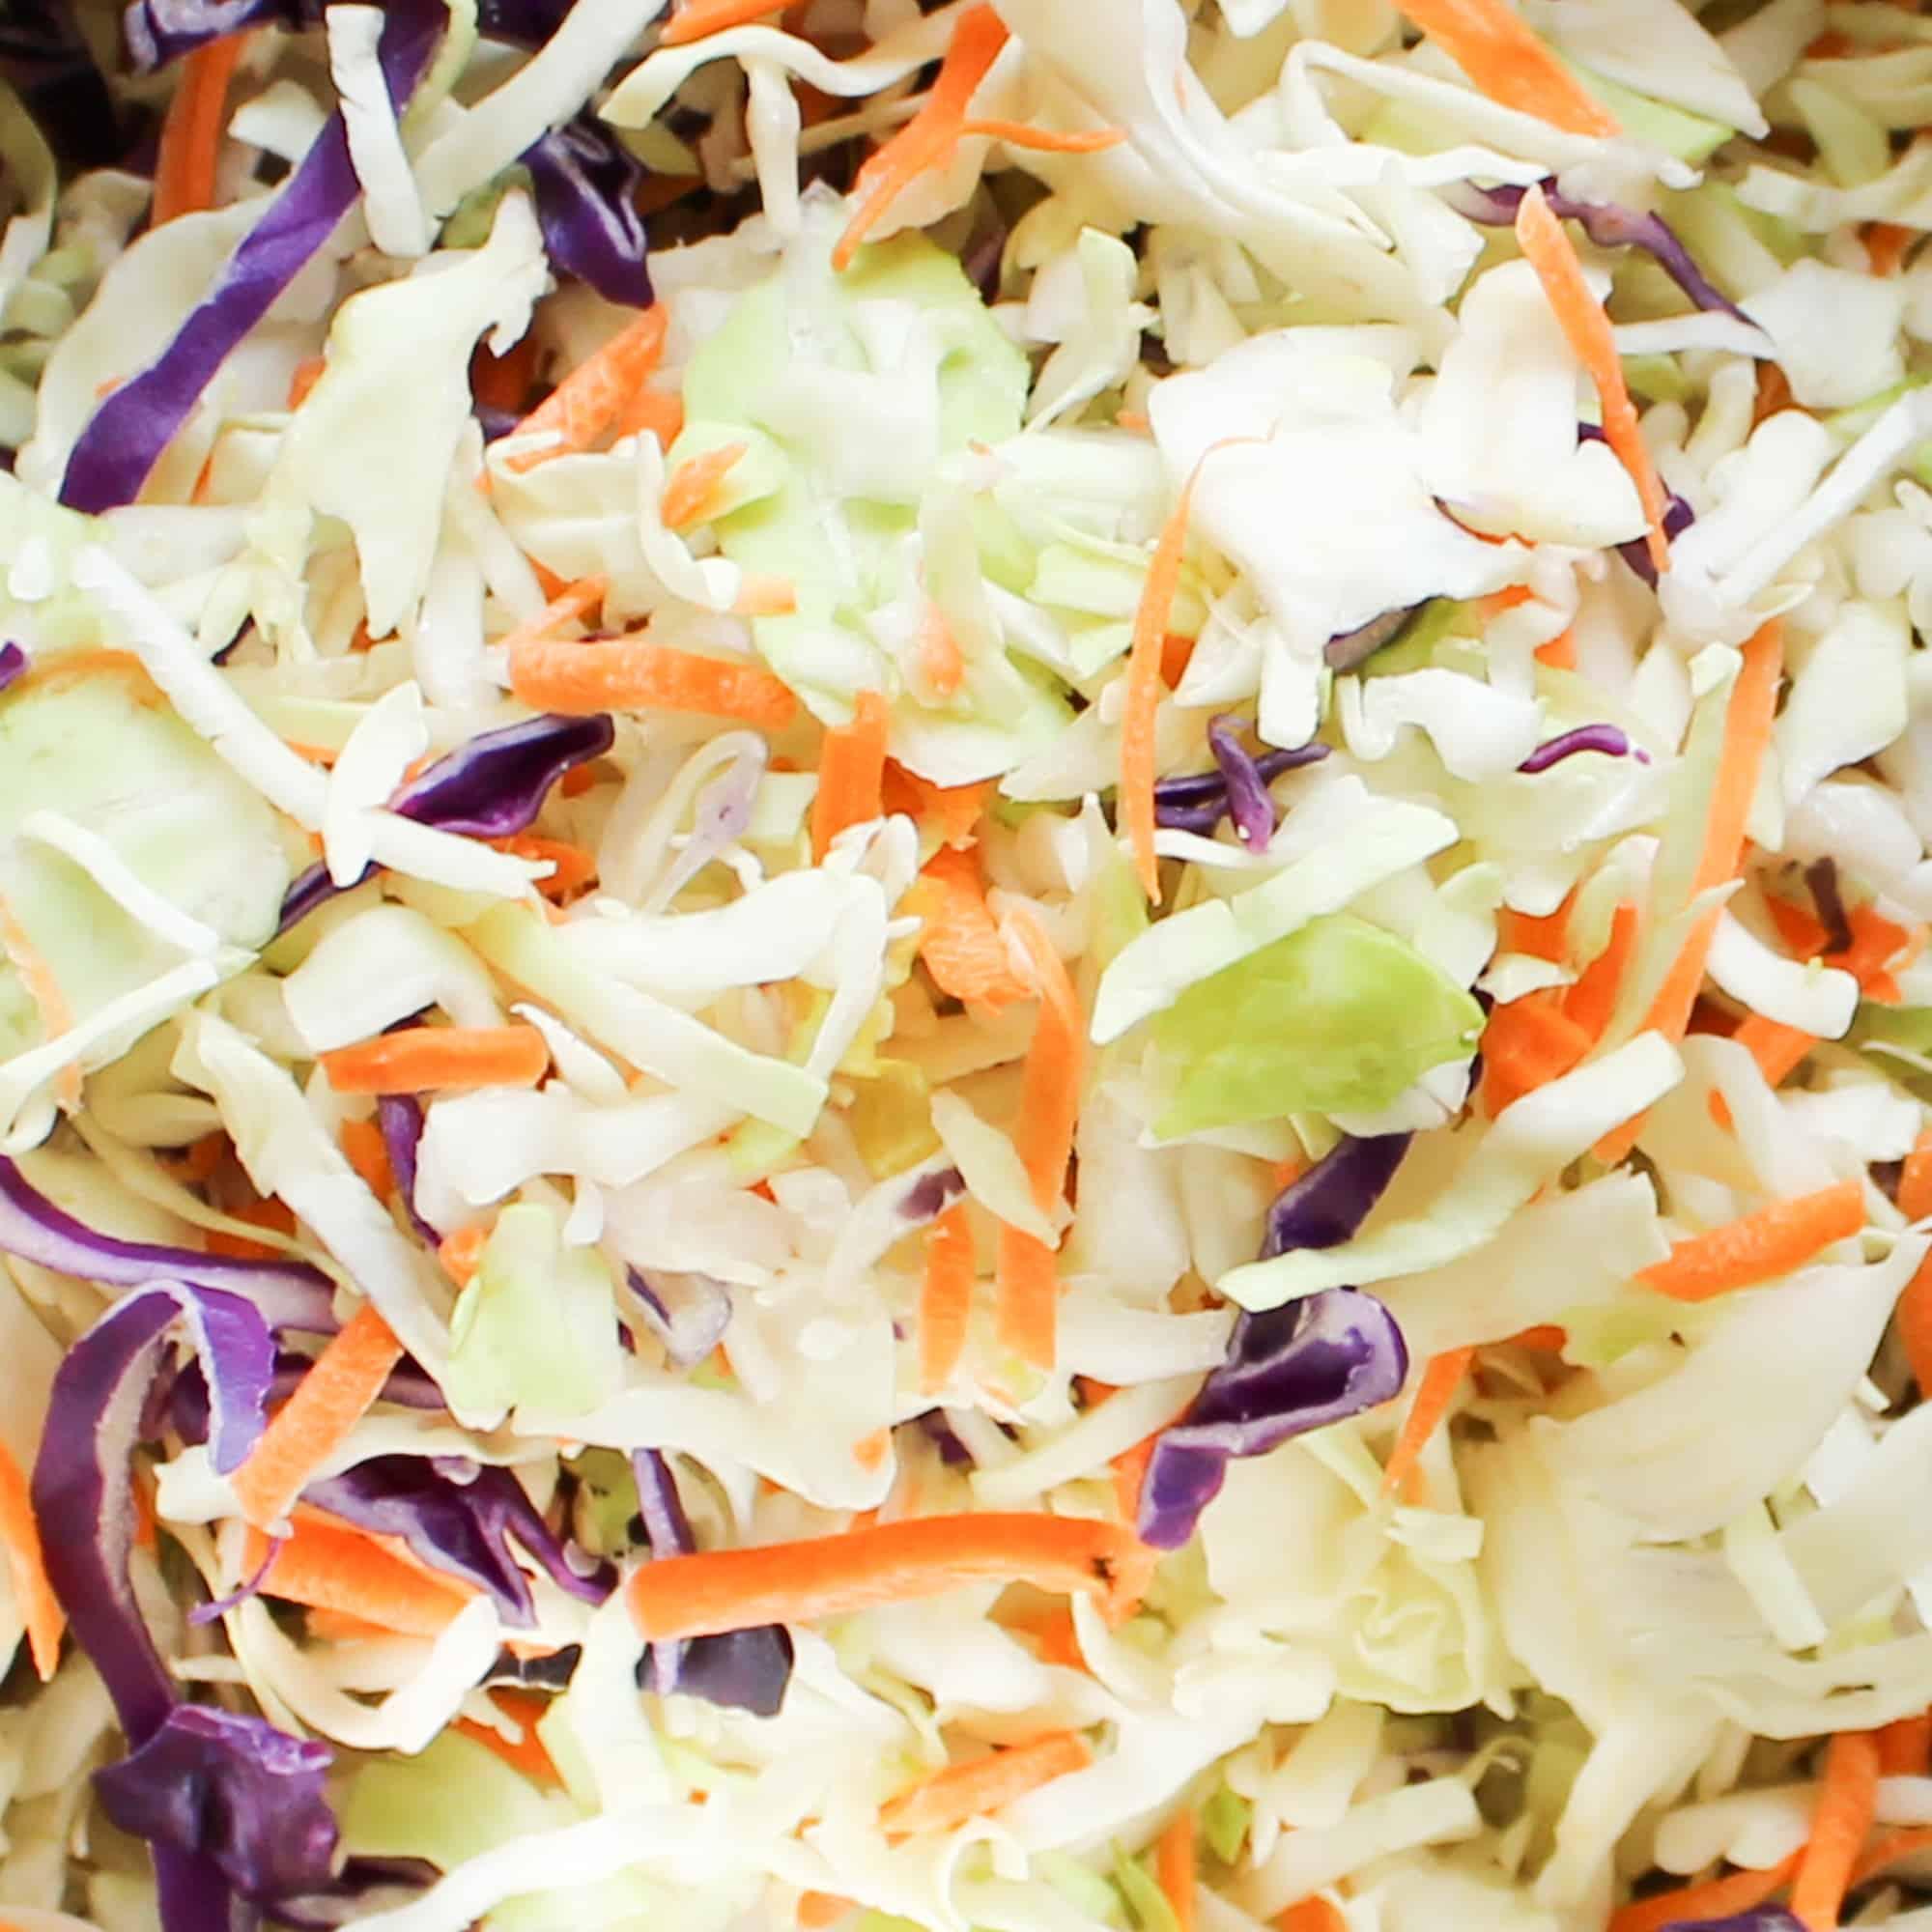 cabbage closeup